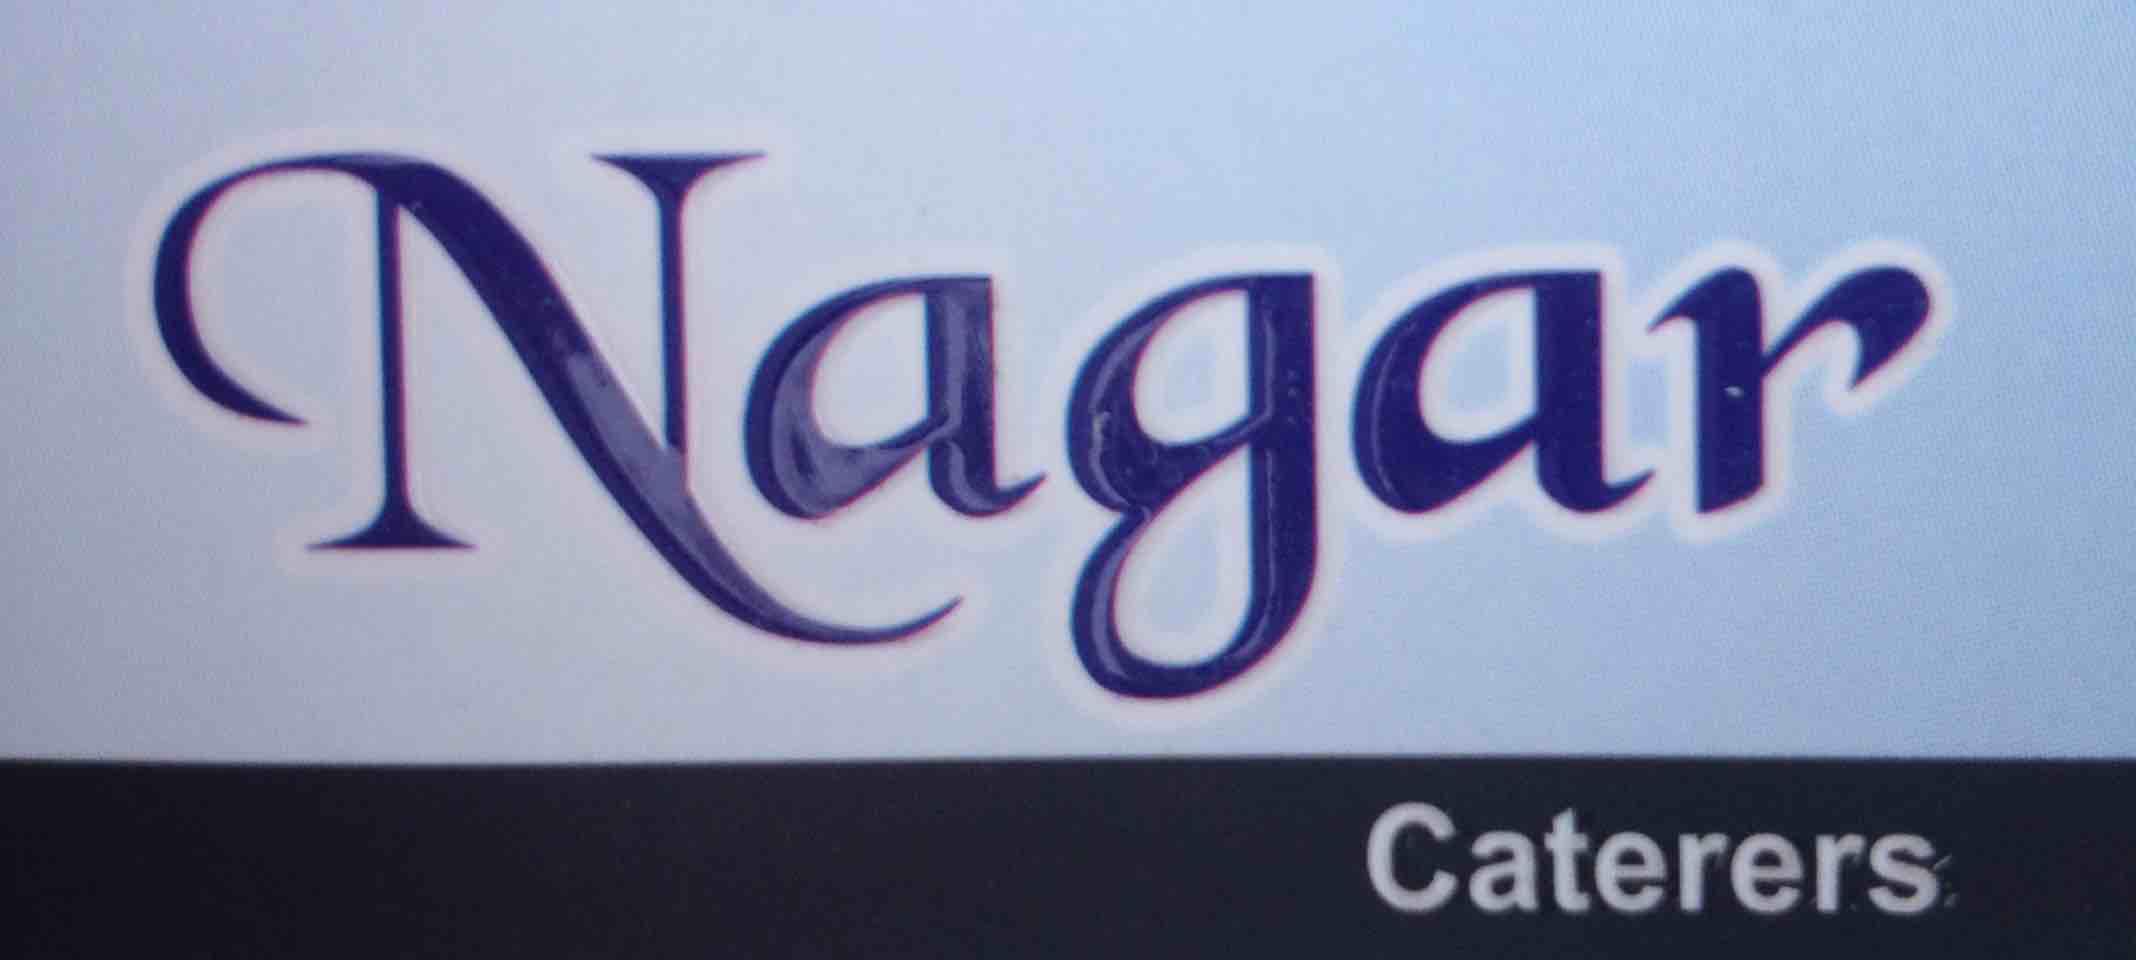 Nagar Caterers